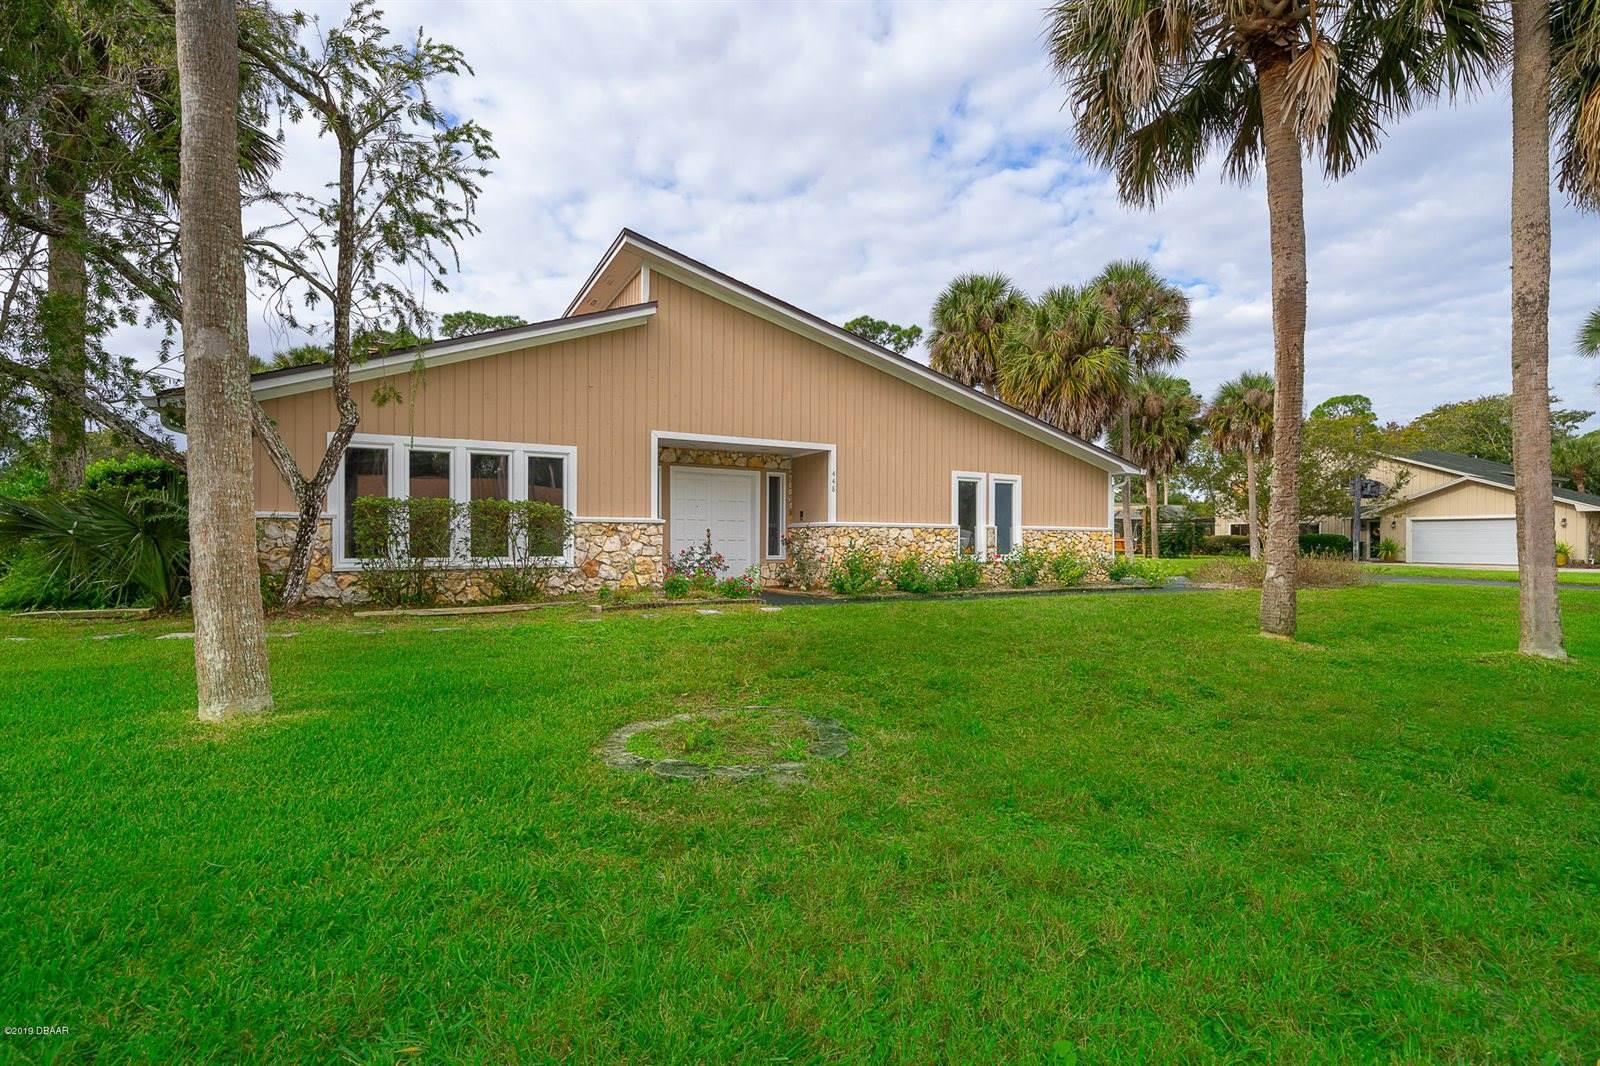 448 Pelican Bay Drive, Daytona Beach, FL 32119